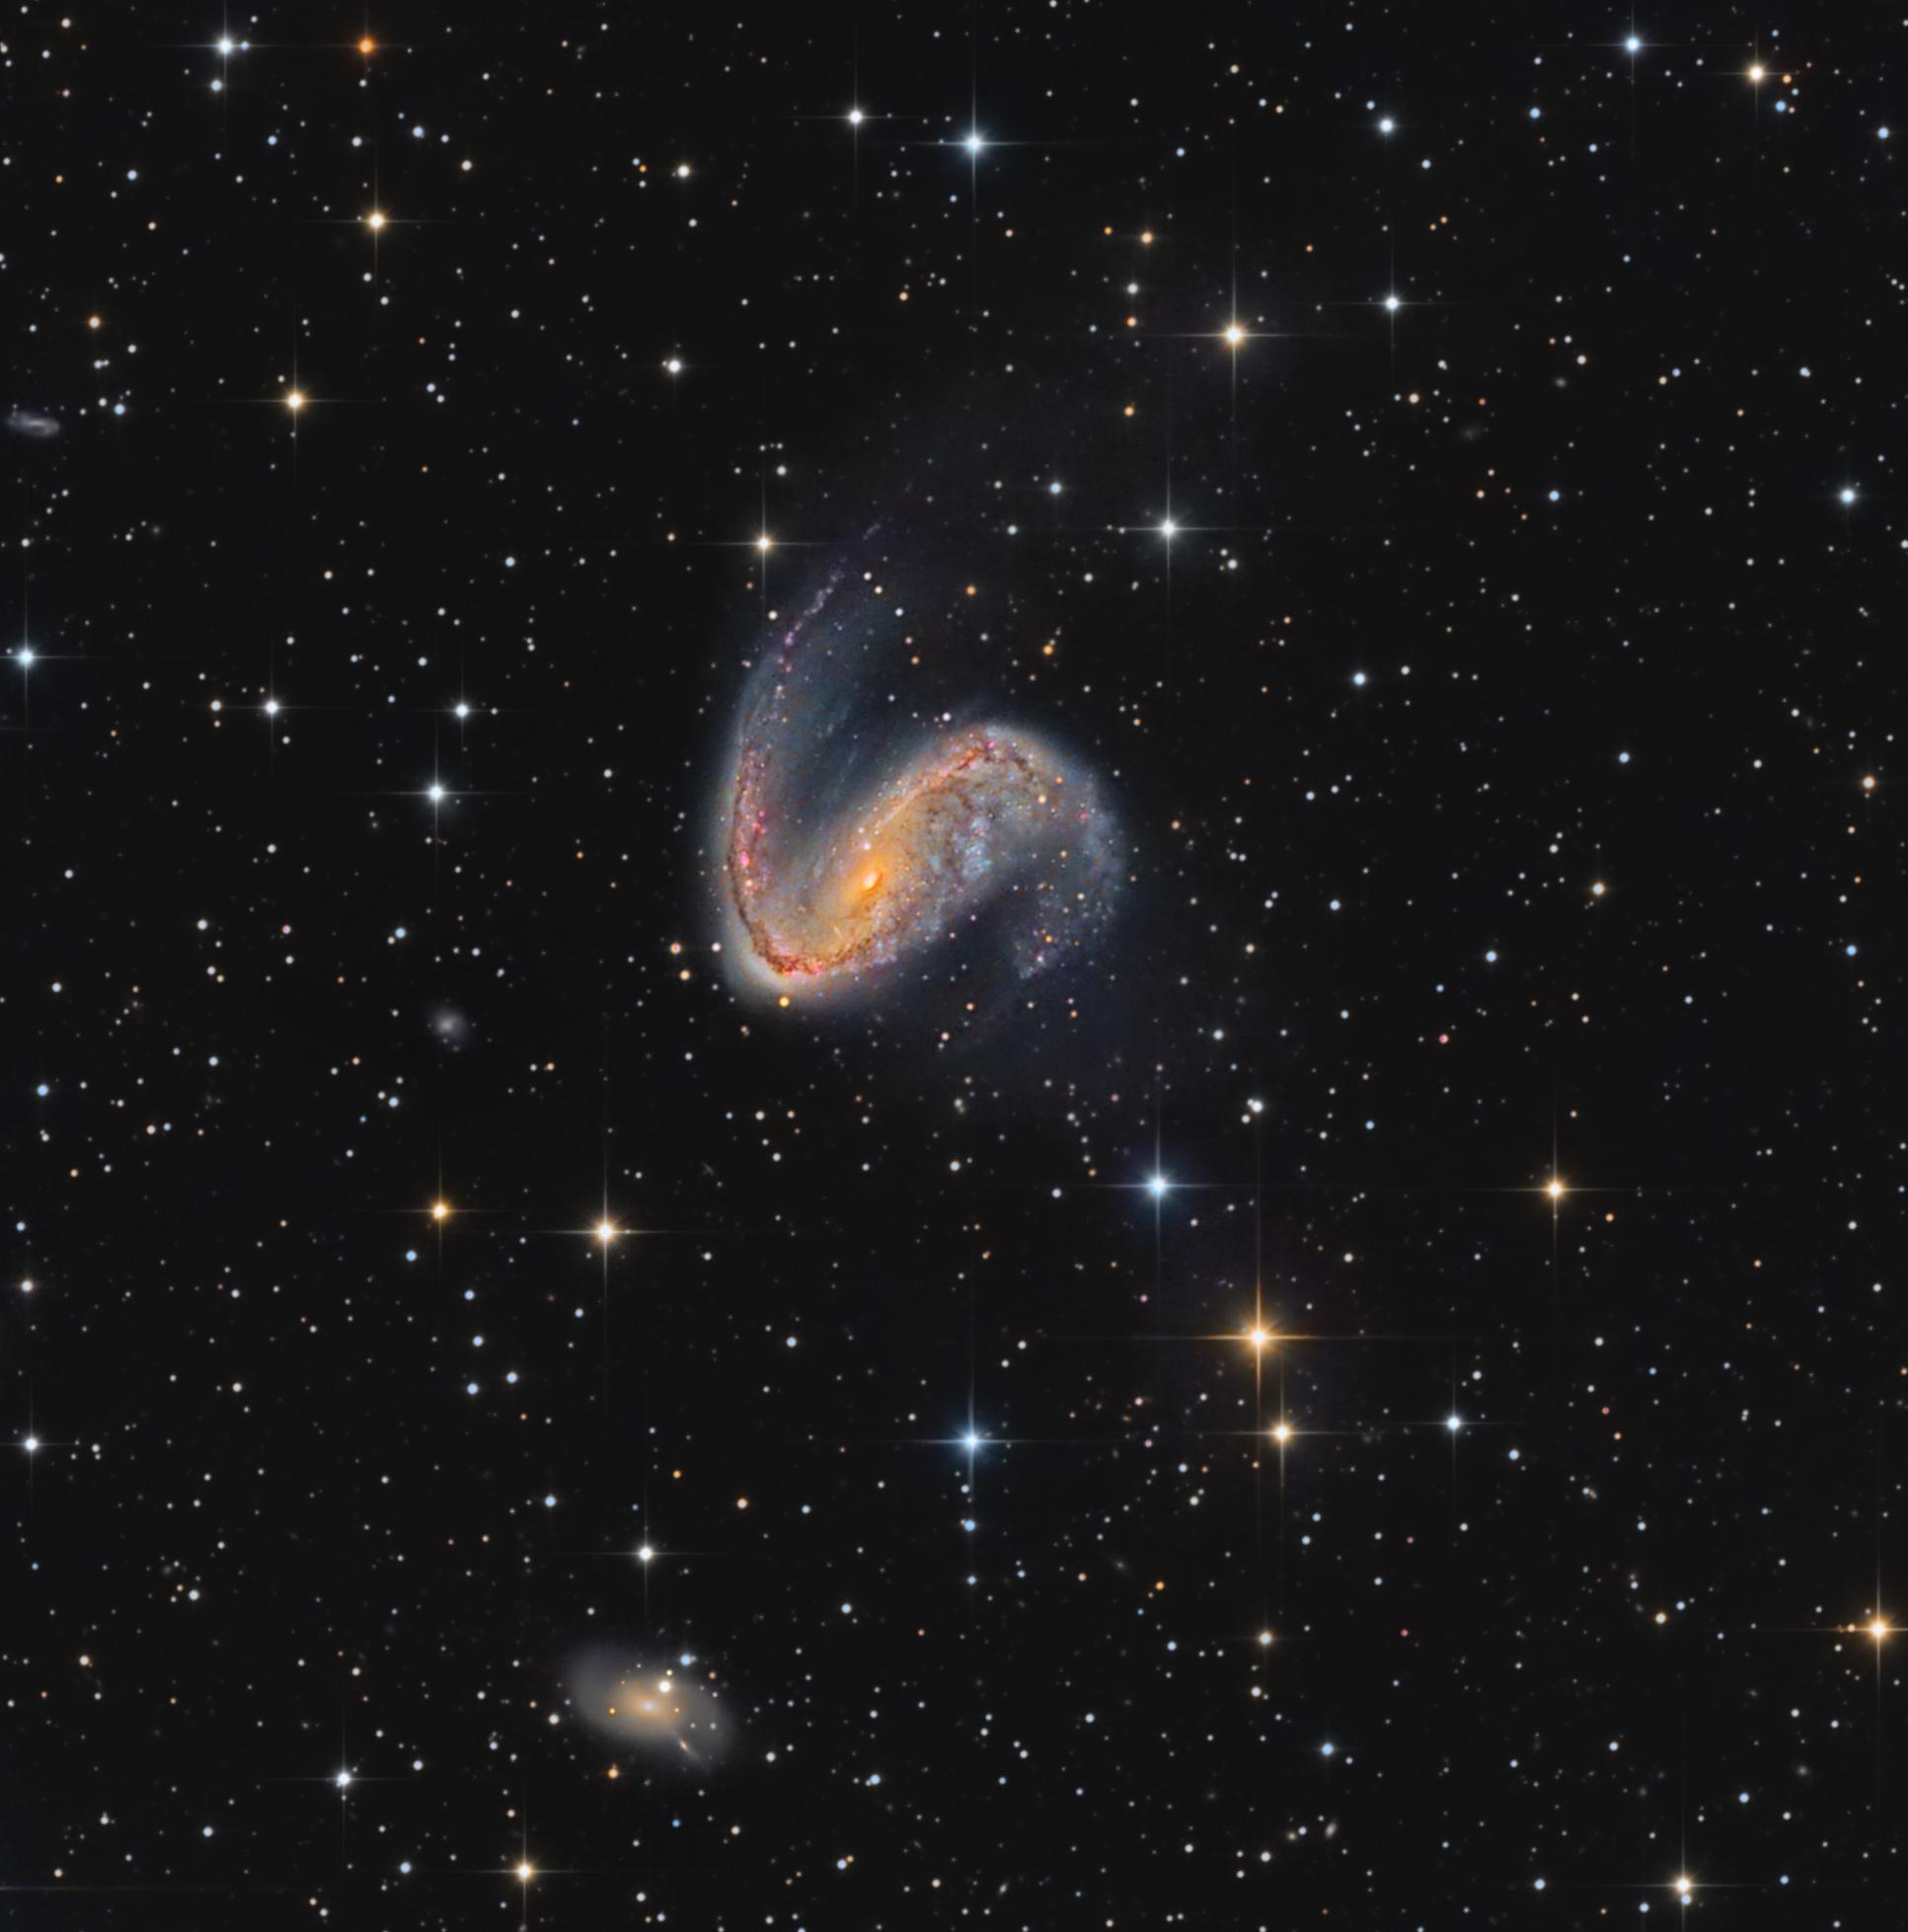 NGC2442_Arnaud_Peel_crop1_1 - Copie.jpg